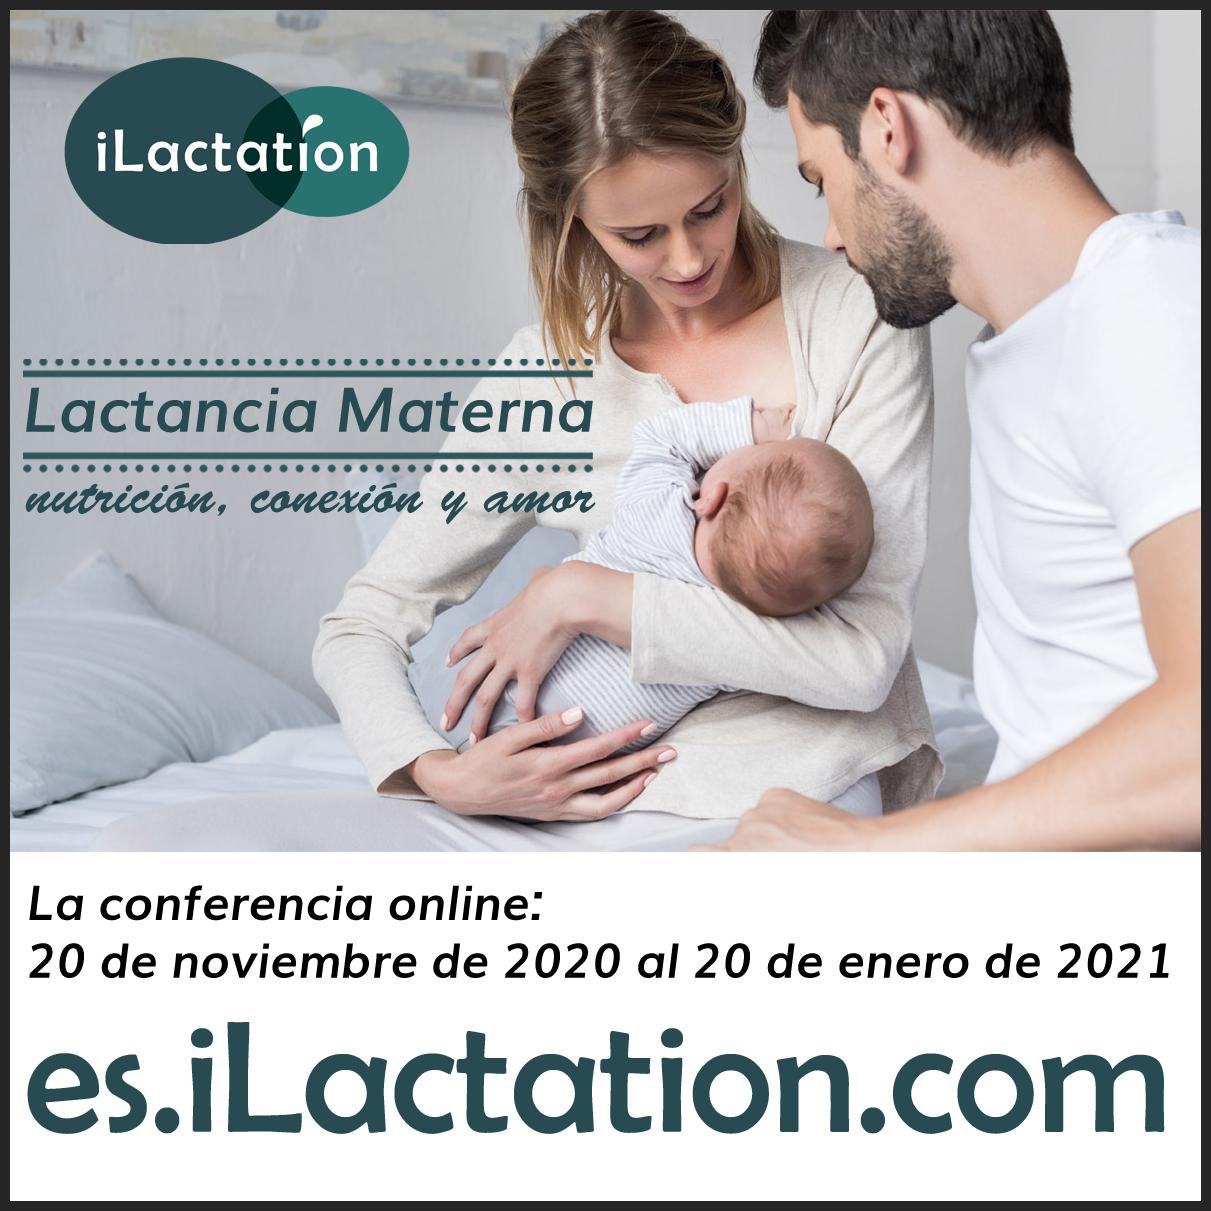 Insta - Lactancia Materna: nutrición, conexión y amor